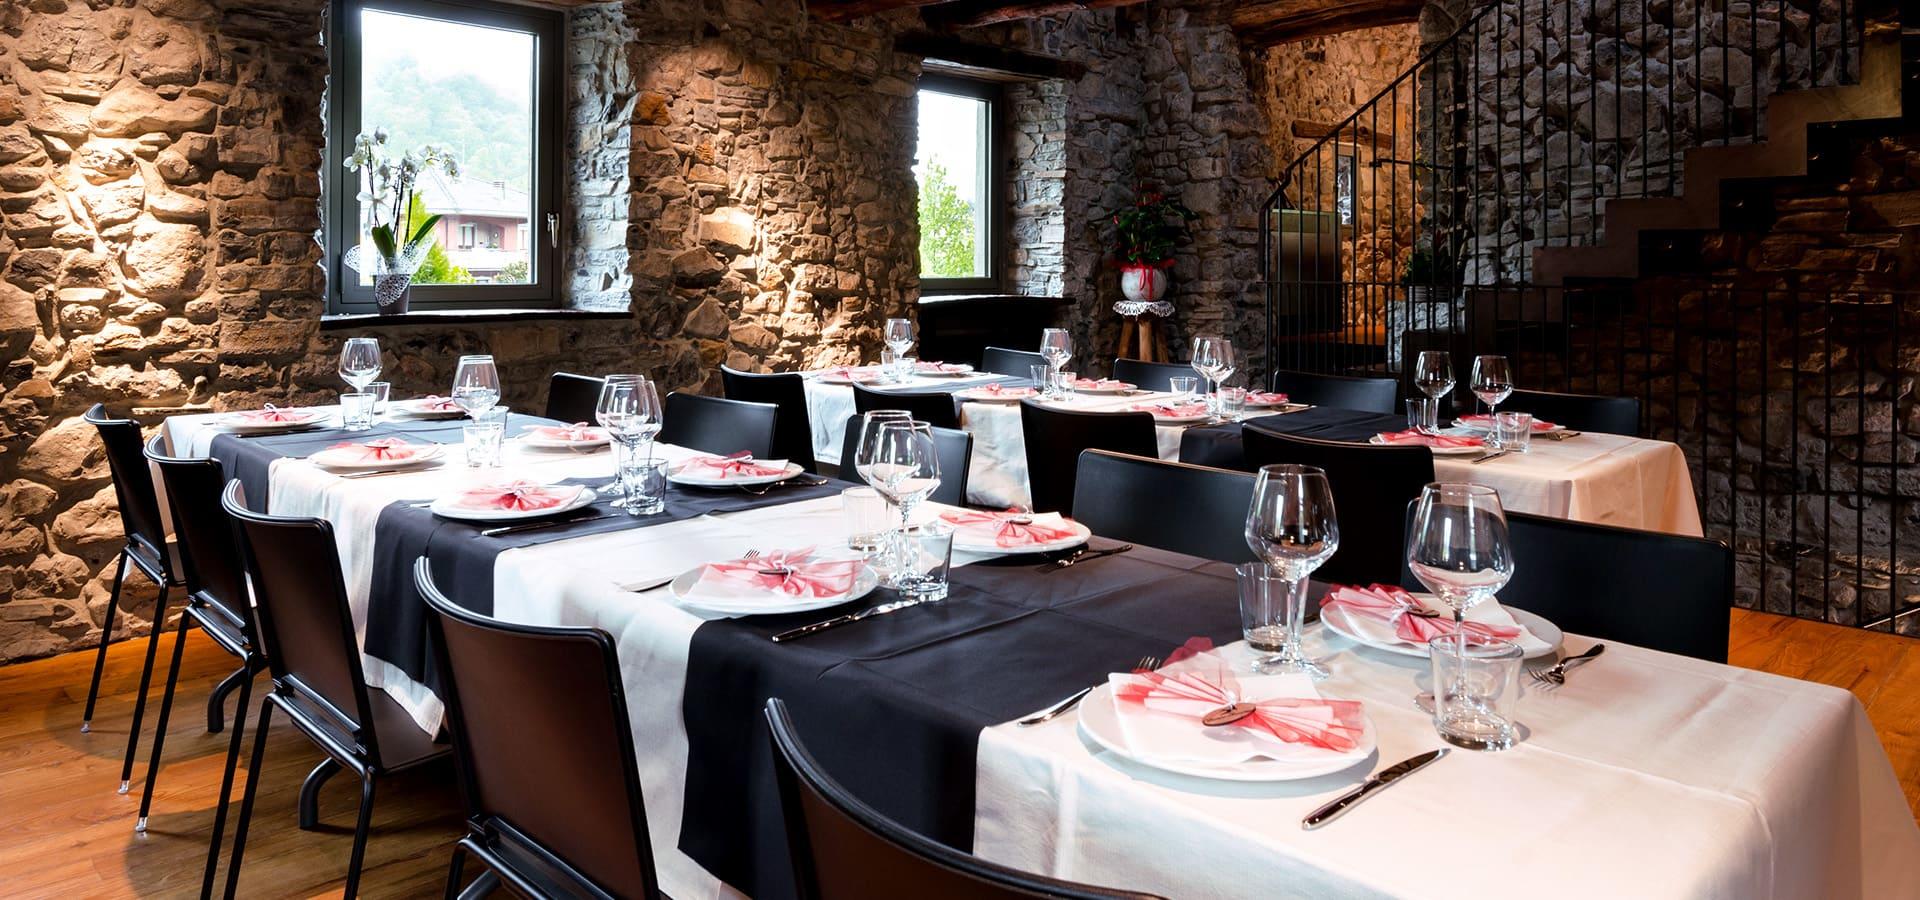 Servizio catering a Bergamo e provincia